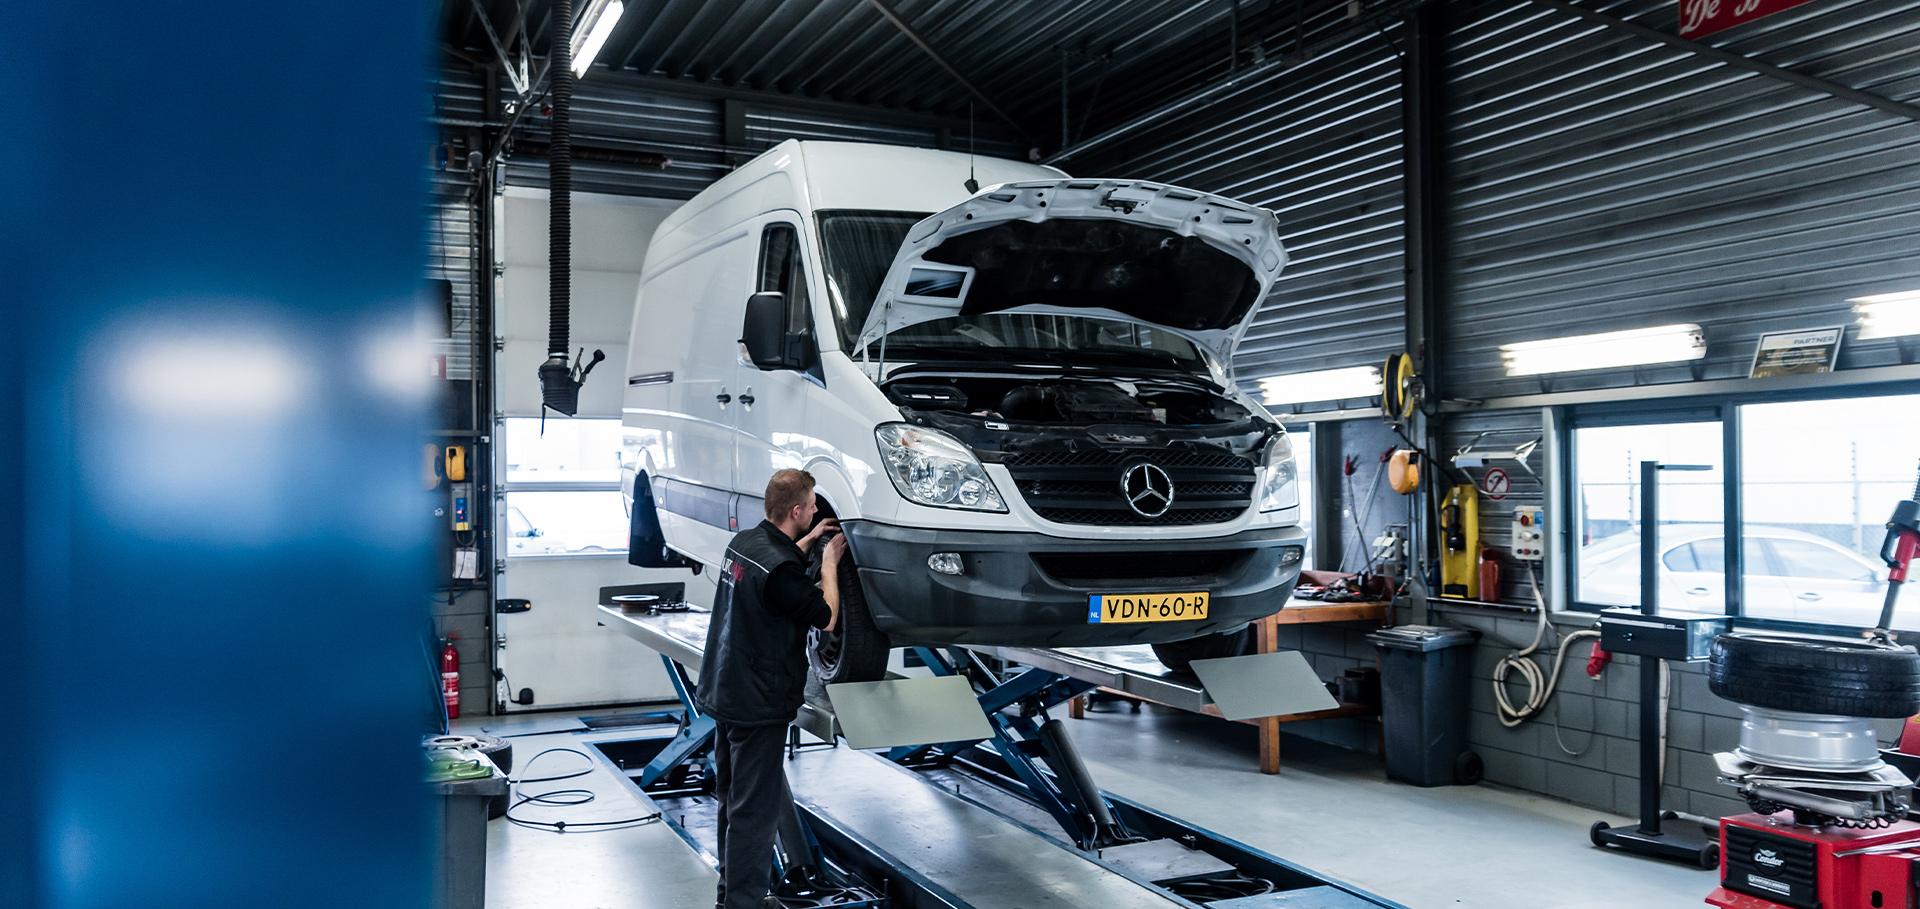 Bedrijfswagen onderhoud Auto REns